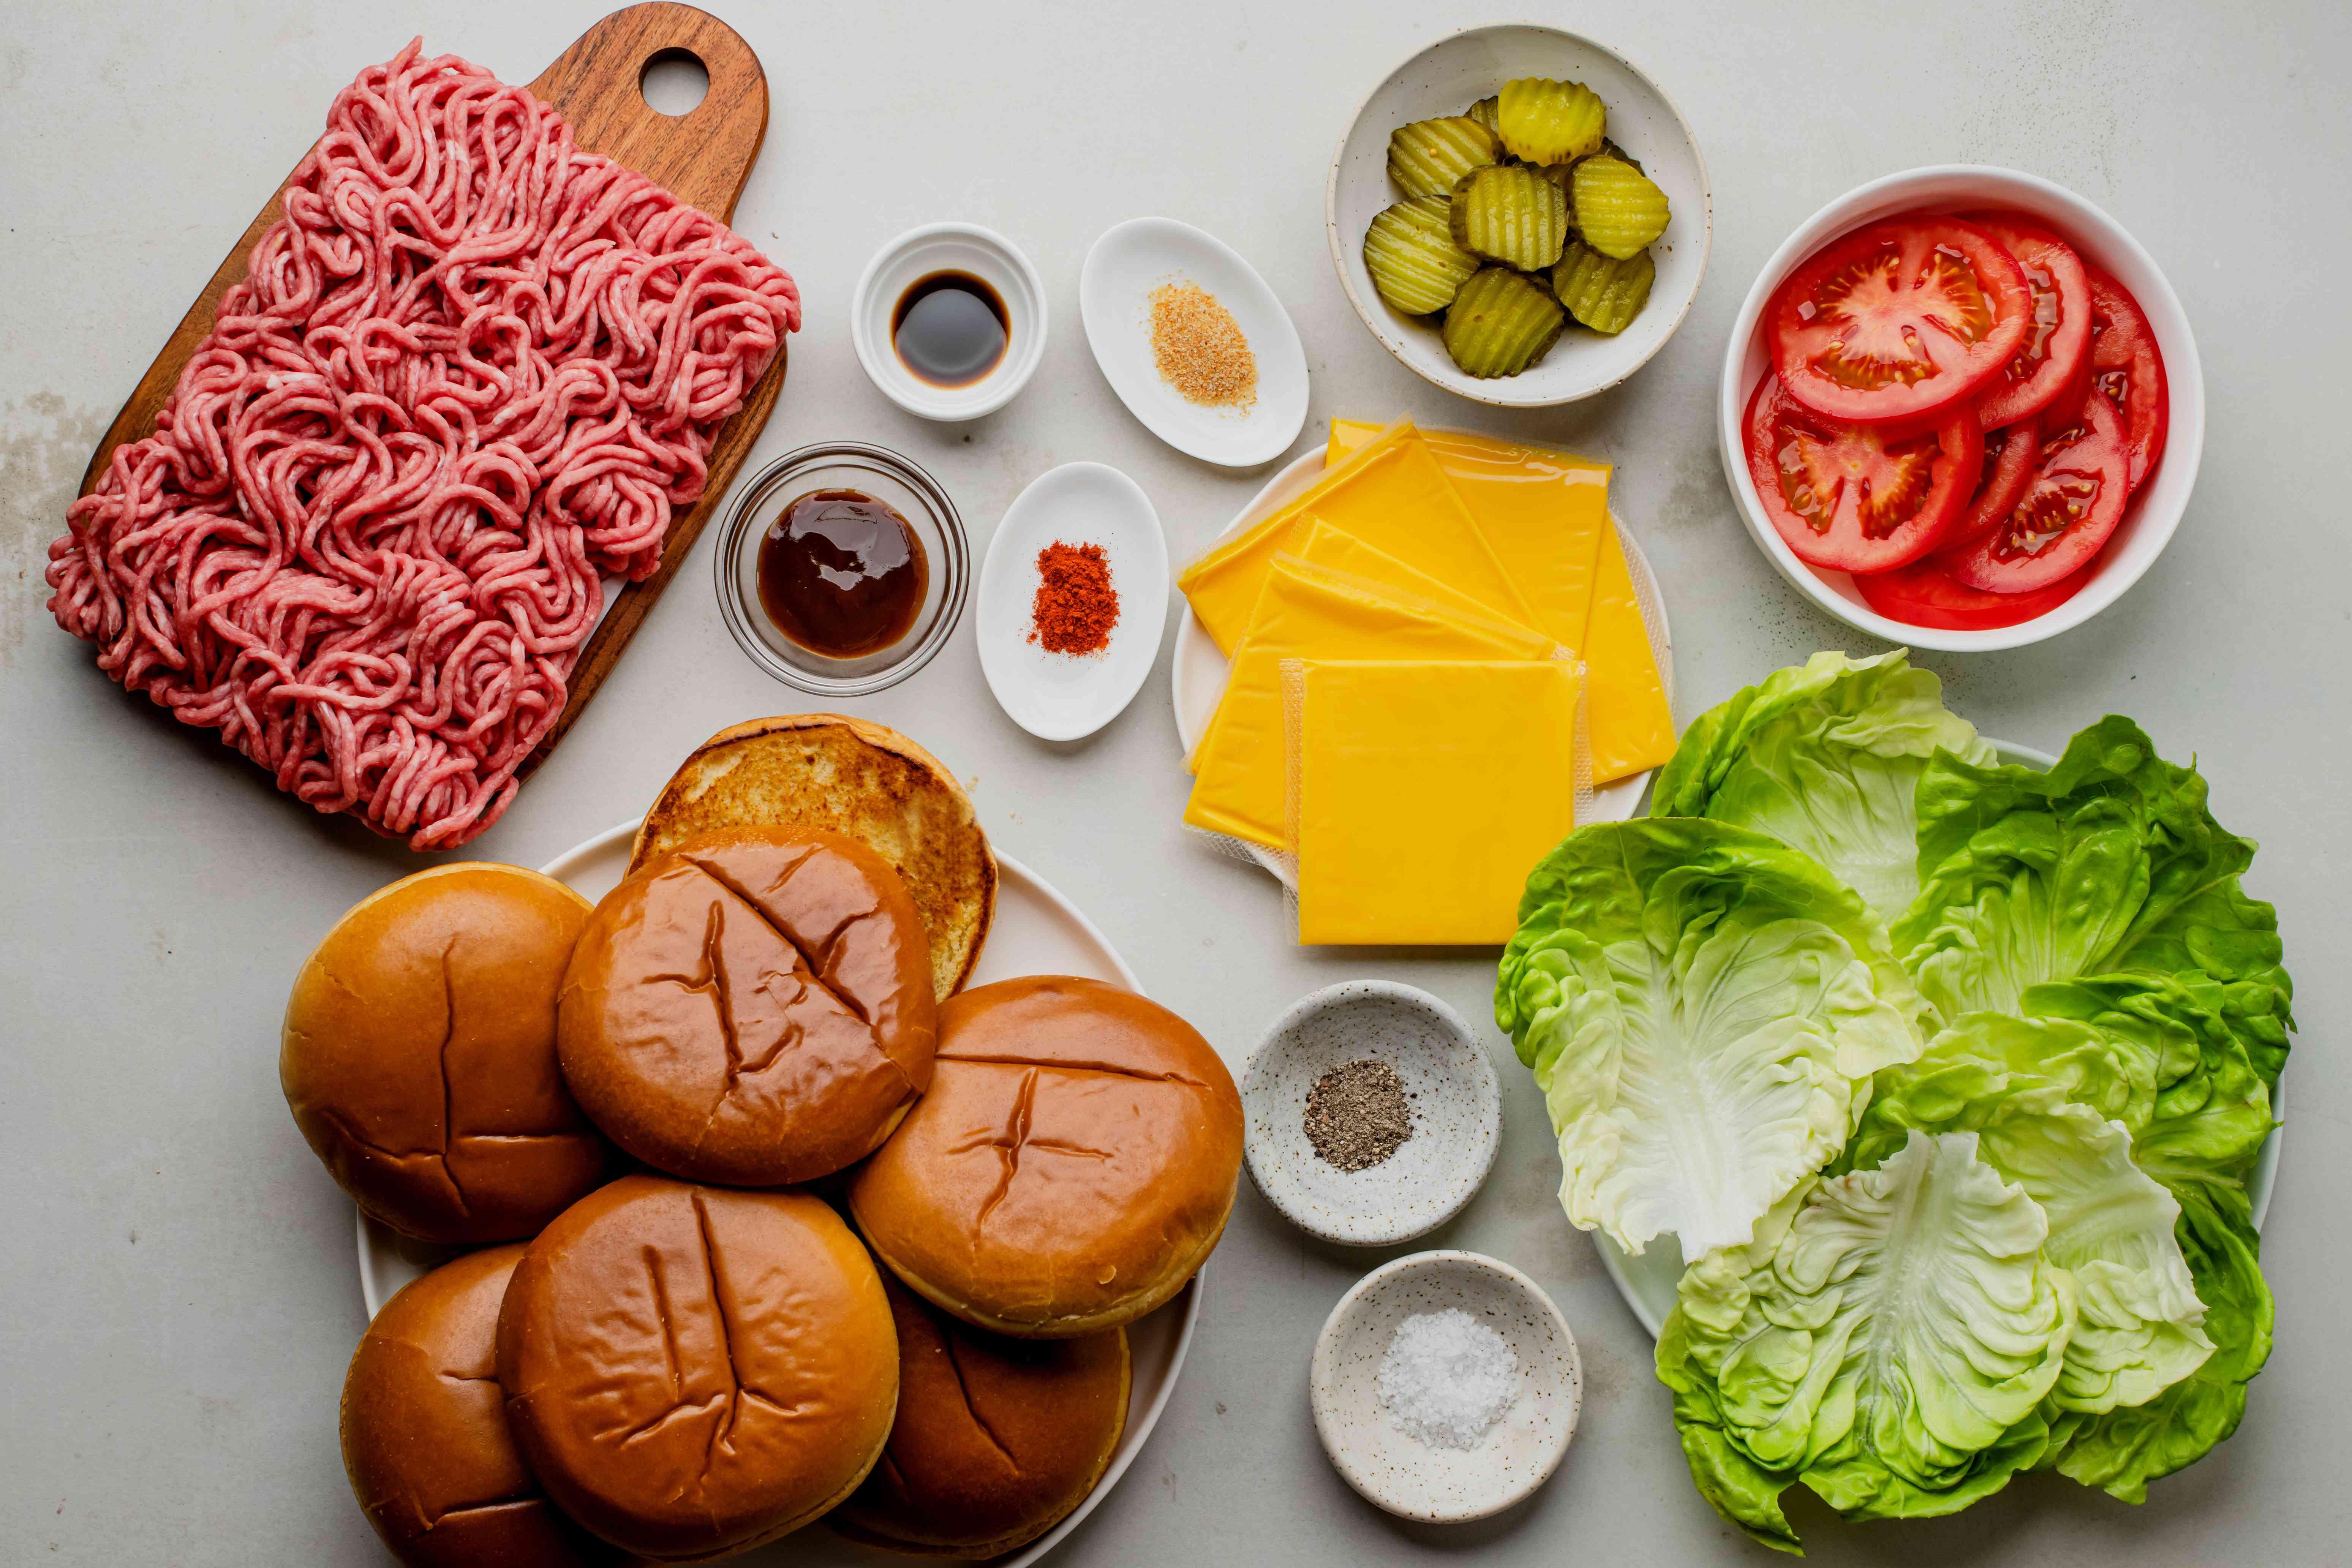 Ingredients for juicy baked burgers